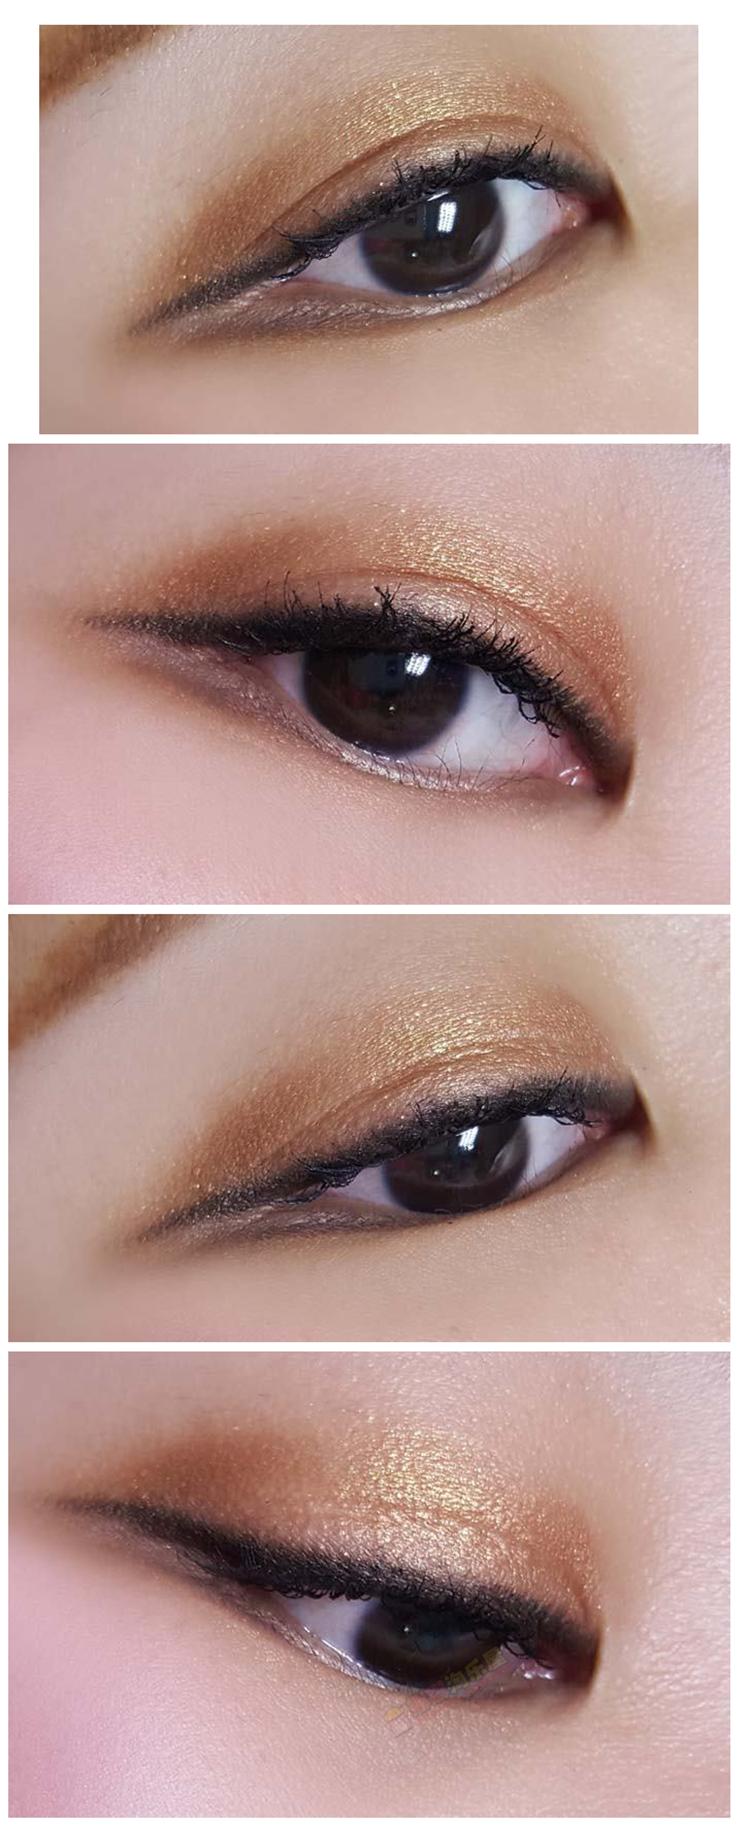 眼影使用方法步骤